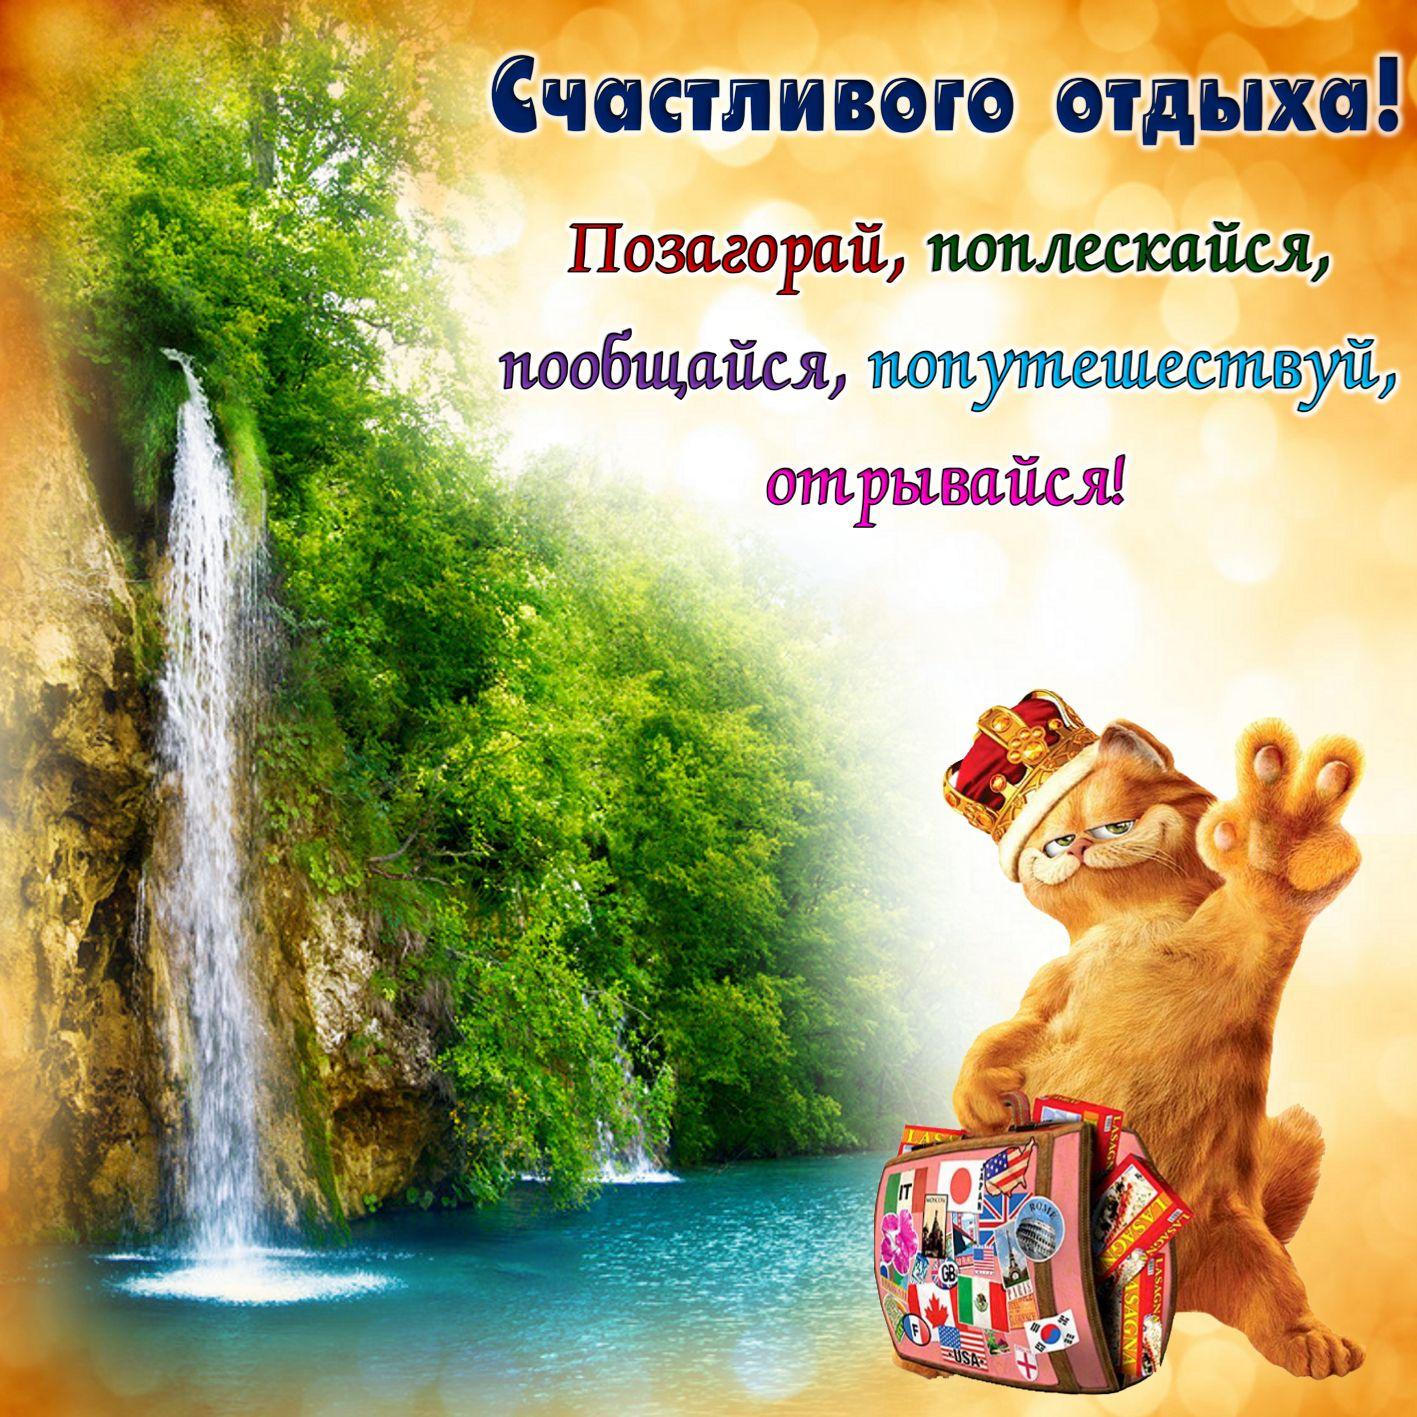 Сегодня выходной, открытки и пожеланиями отличного отпуска